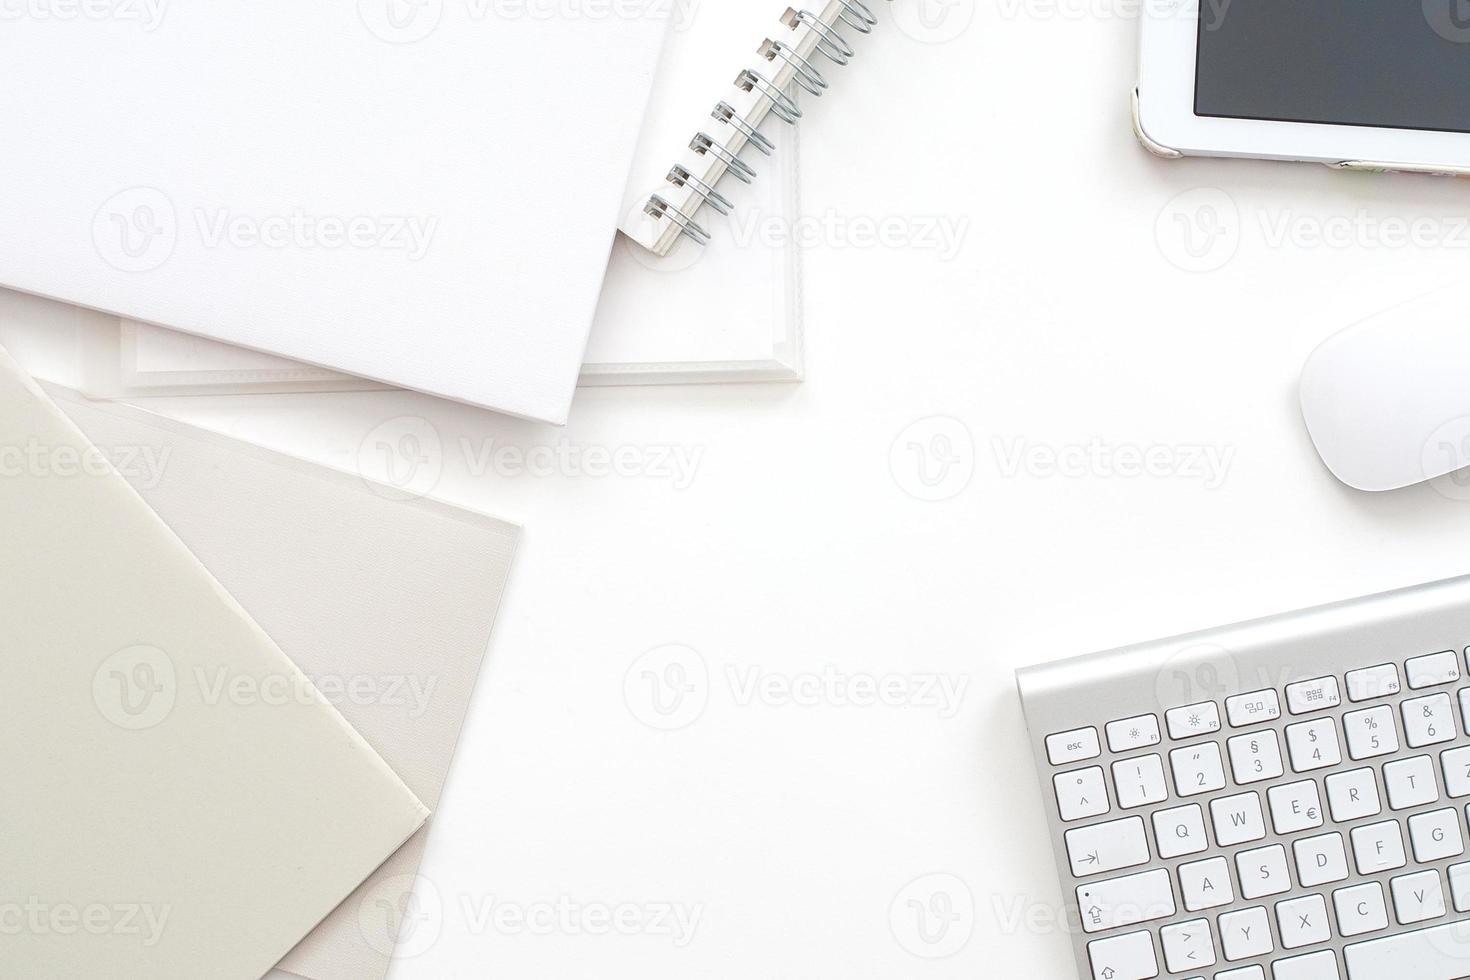 modernt kontorsarbetsyta - professionellt skrivbord från ovan foto